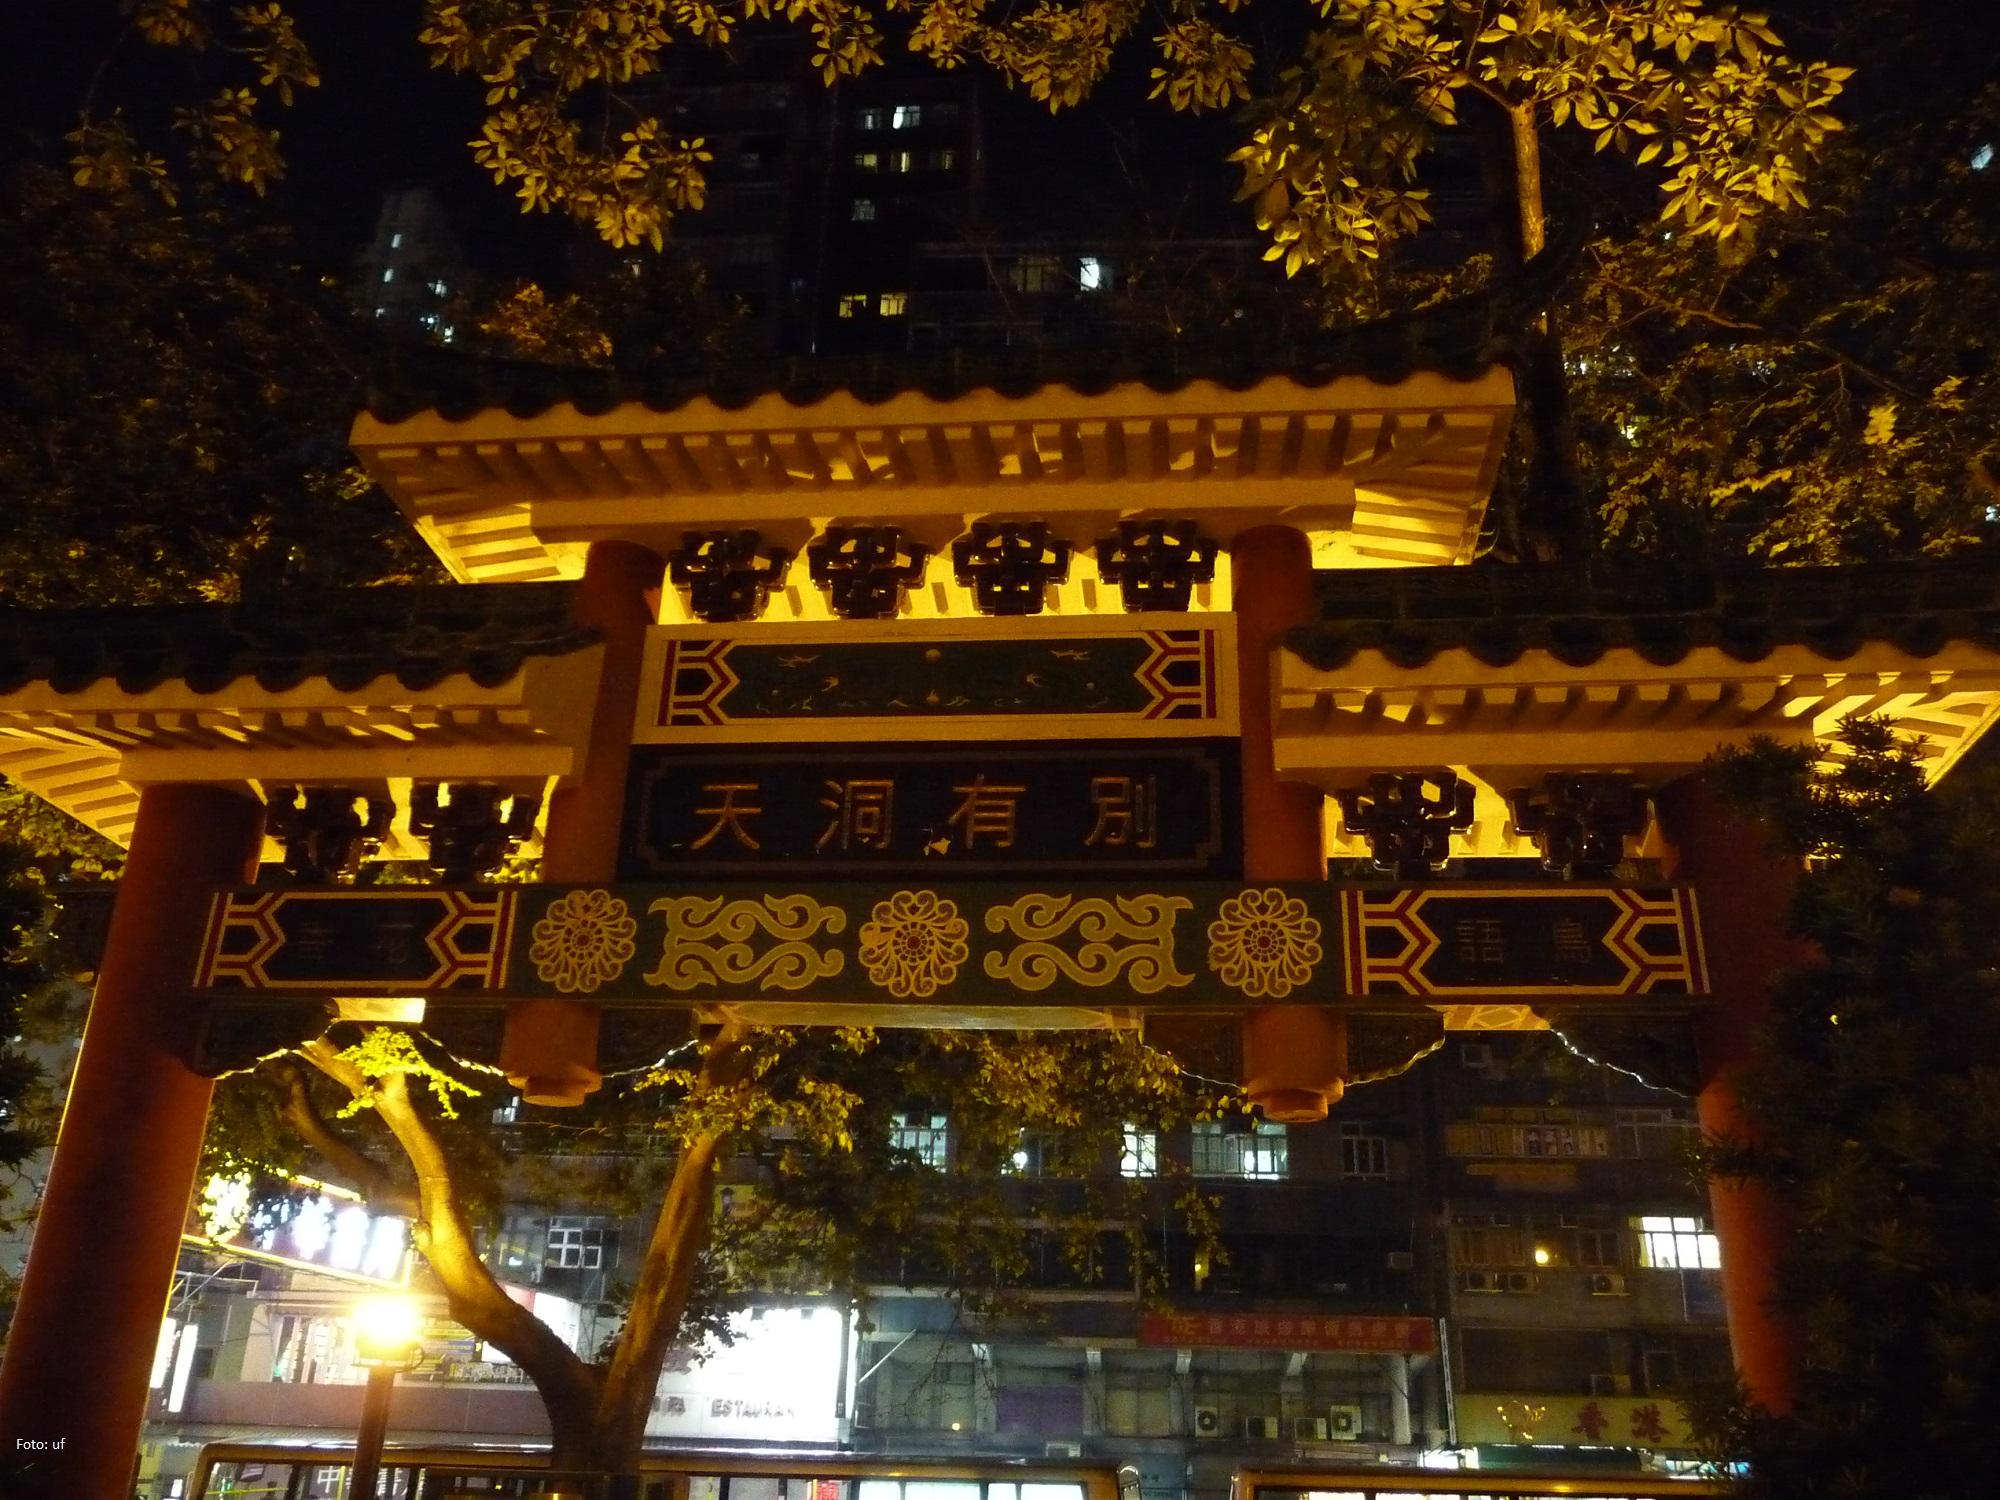 Der Tin-Hau Tempel in Yau Ma Tei in Kowloon